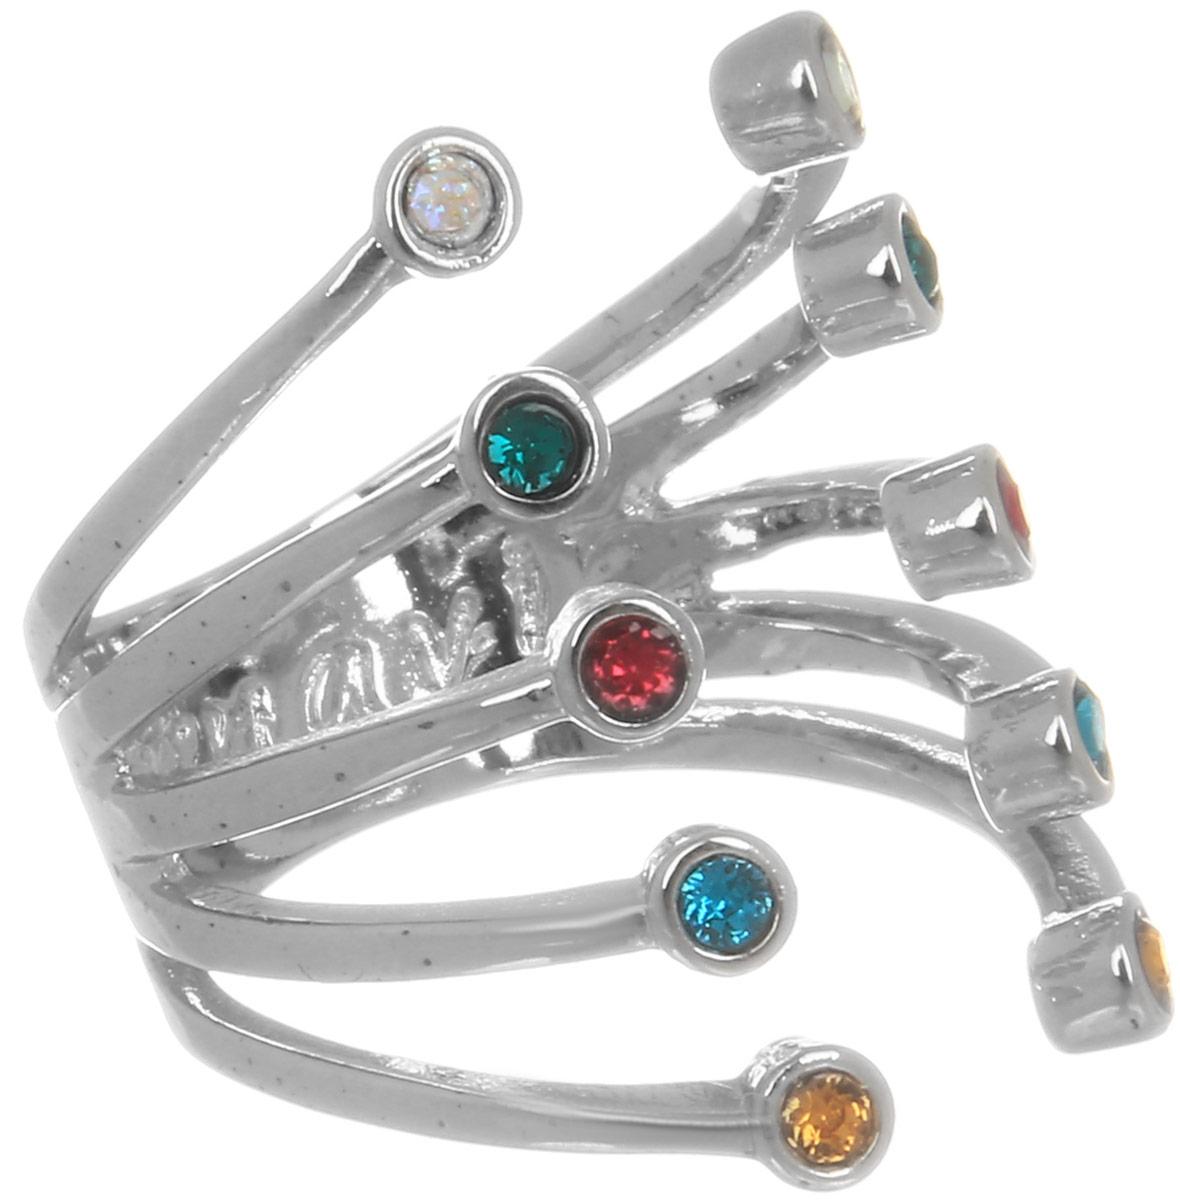 Jenavi, Коллекция Триада, Пурина (Кольцо), цвет - серебряный, мультиколор, размер - 18f694f070Коллекция Триада, Пурина (Кольцо) гипоаллергенный ювелирный сплав,Серебрение c род. , вставка Кристаллы Swarovski , цвет - серебряный, мультиколор, размер - 18